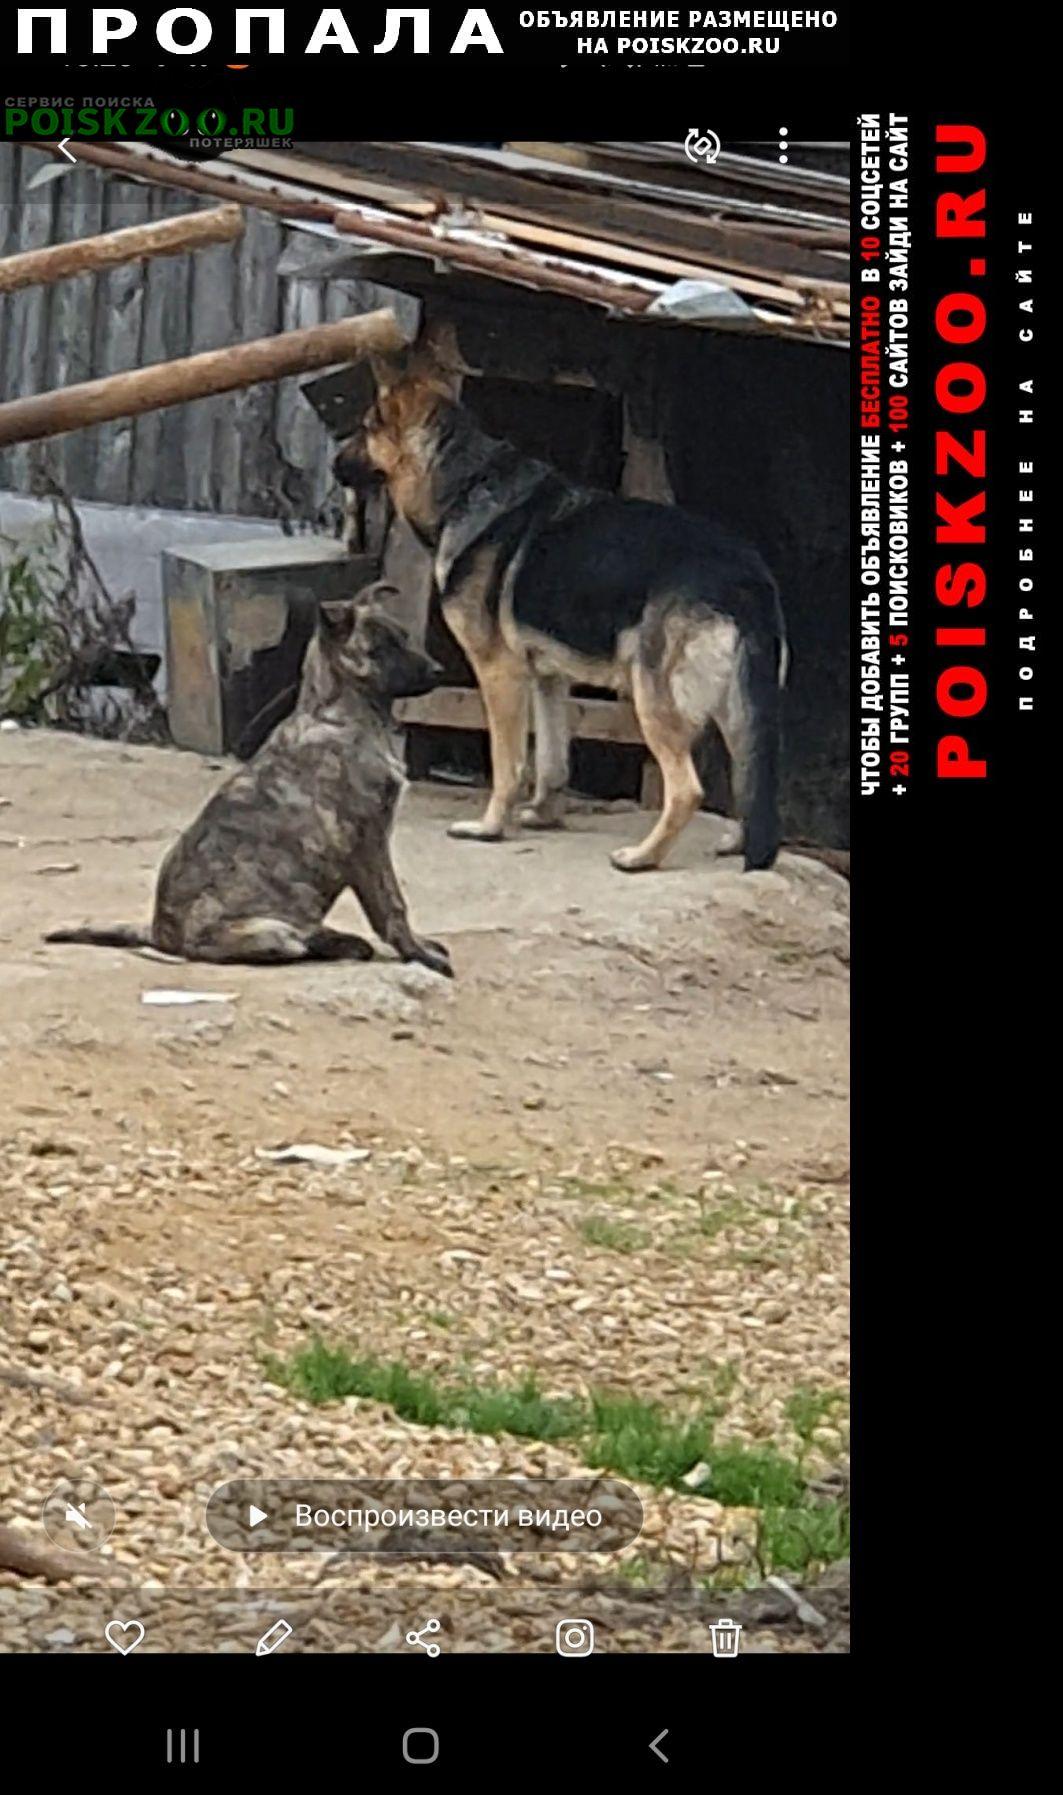 Пропала собака в селе орудьево Дмитров